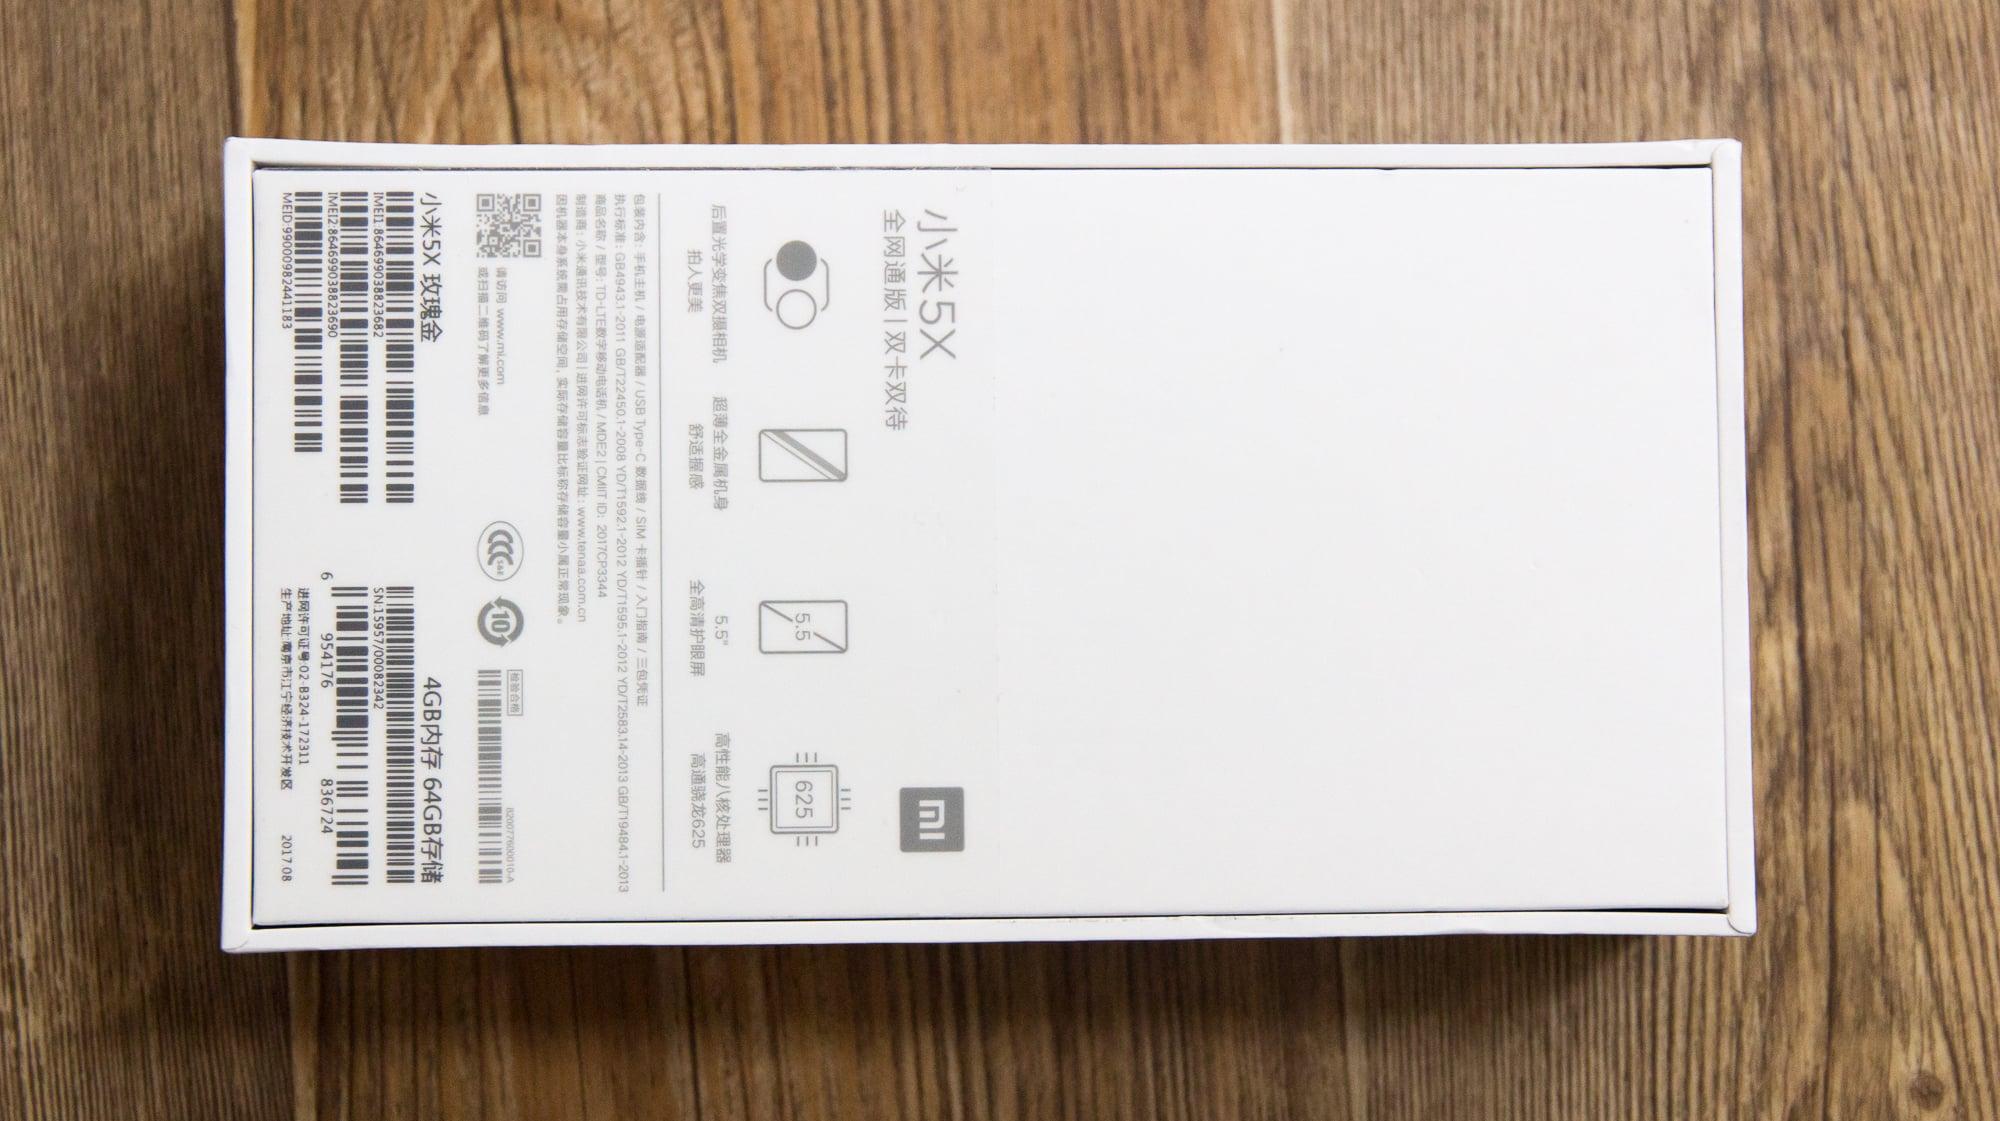 Обзор недорогого смартфона с хорошей для этой цены камерой. Изучаем Xiaomi Mi 5X (он же A1) - 14